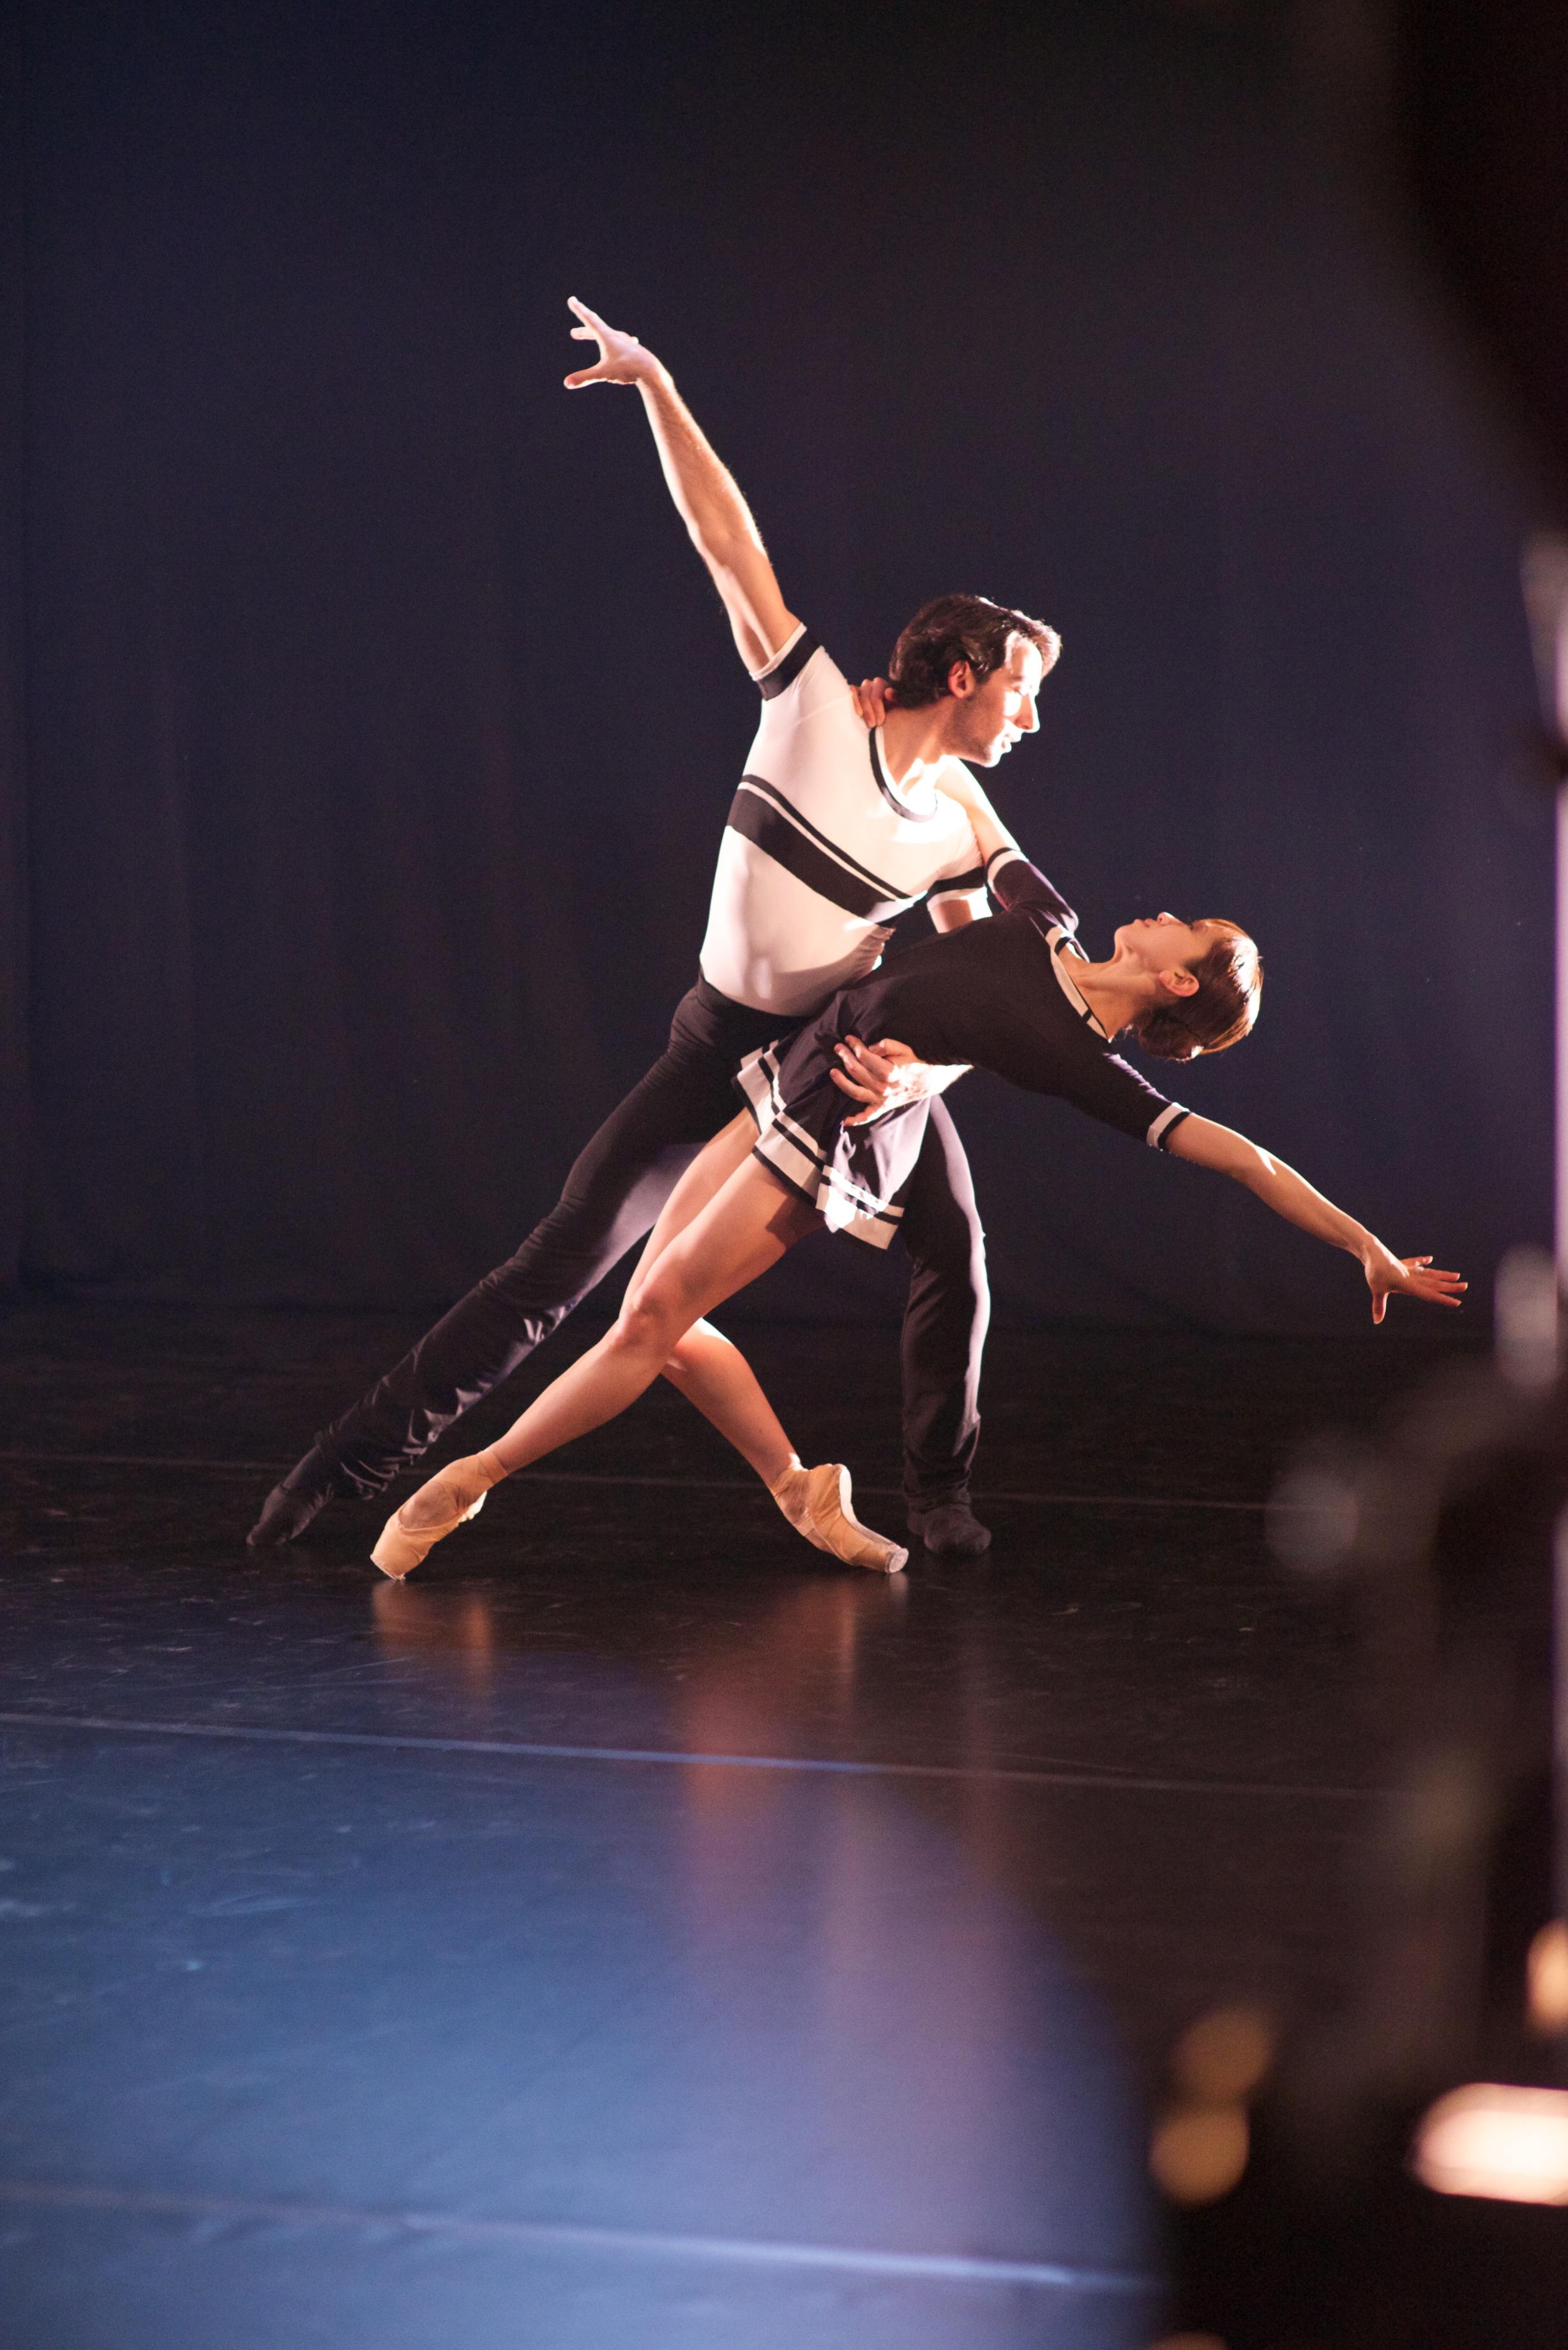 Erina Takahashi and Esteban Berlanga